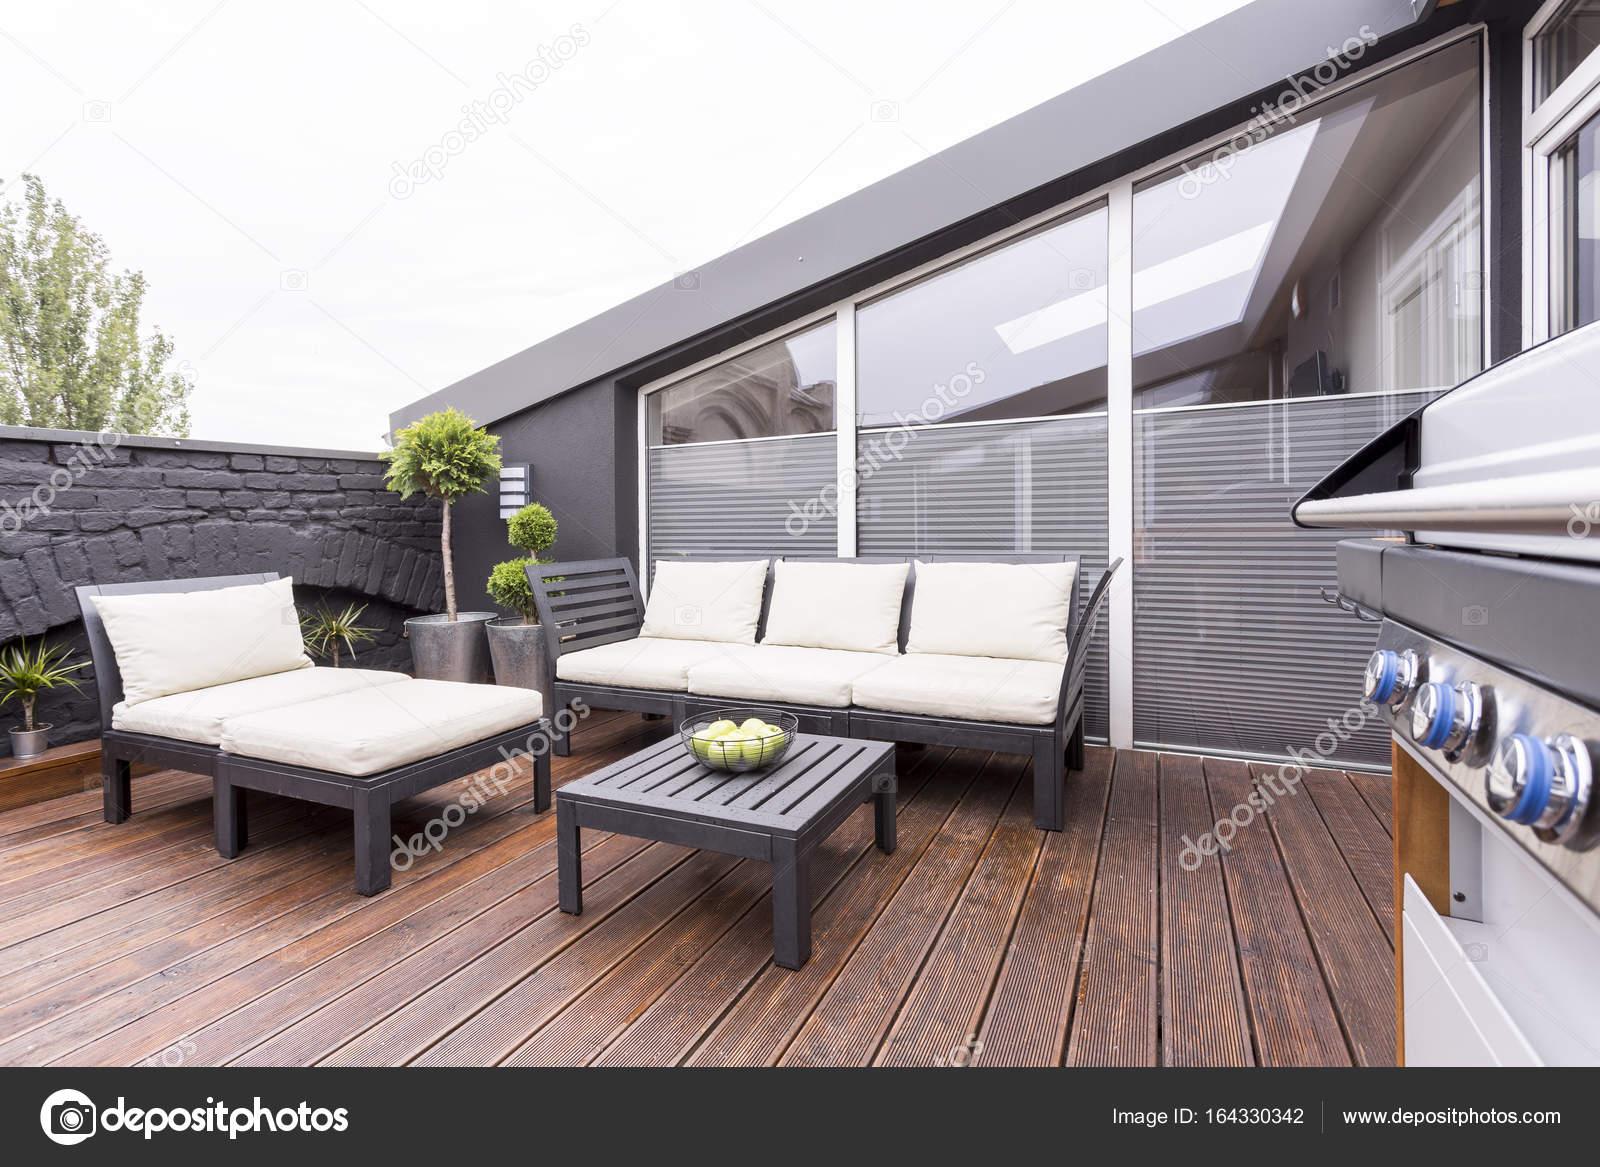 Elegante terraza con muebles de jard n foto de stock 164330342 - Cerramiento terraza sin licencia ...